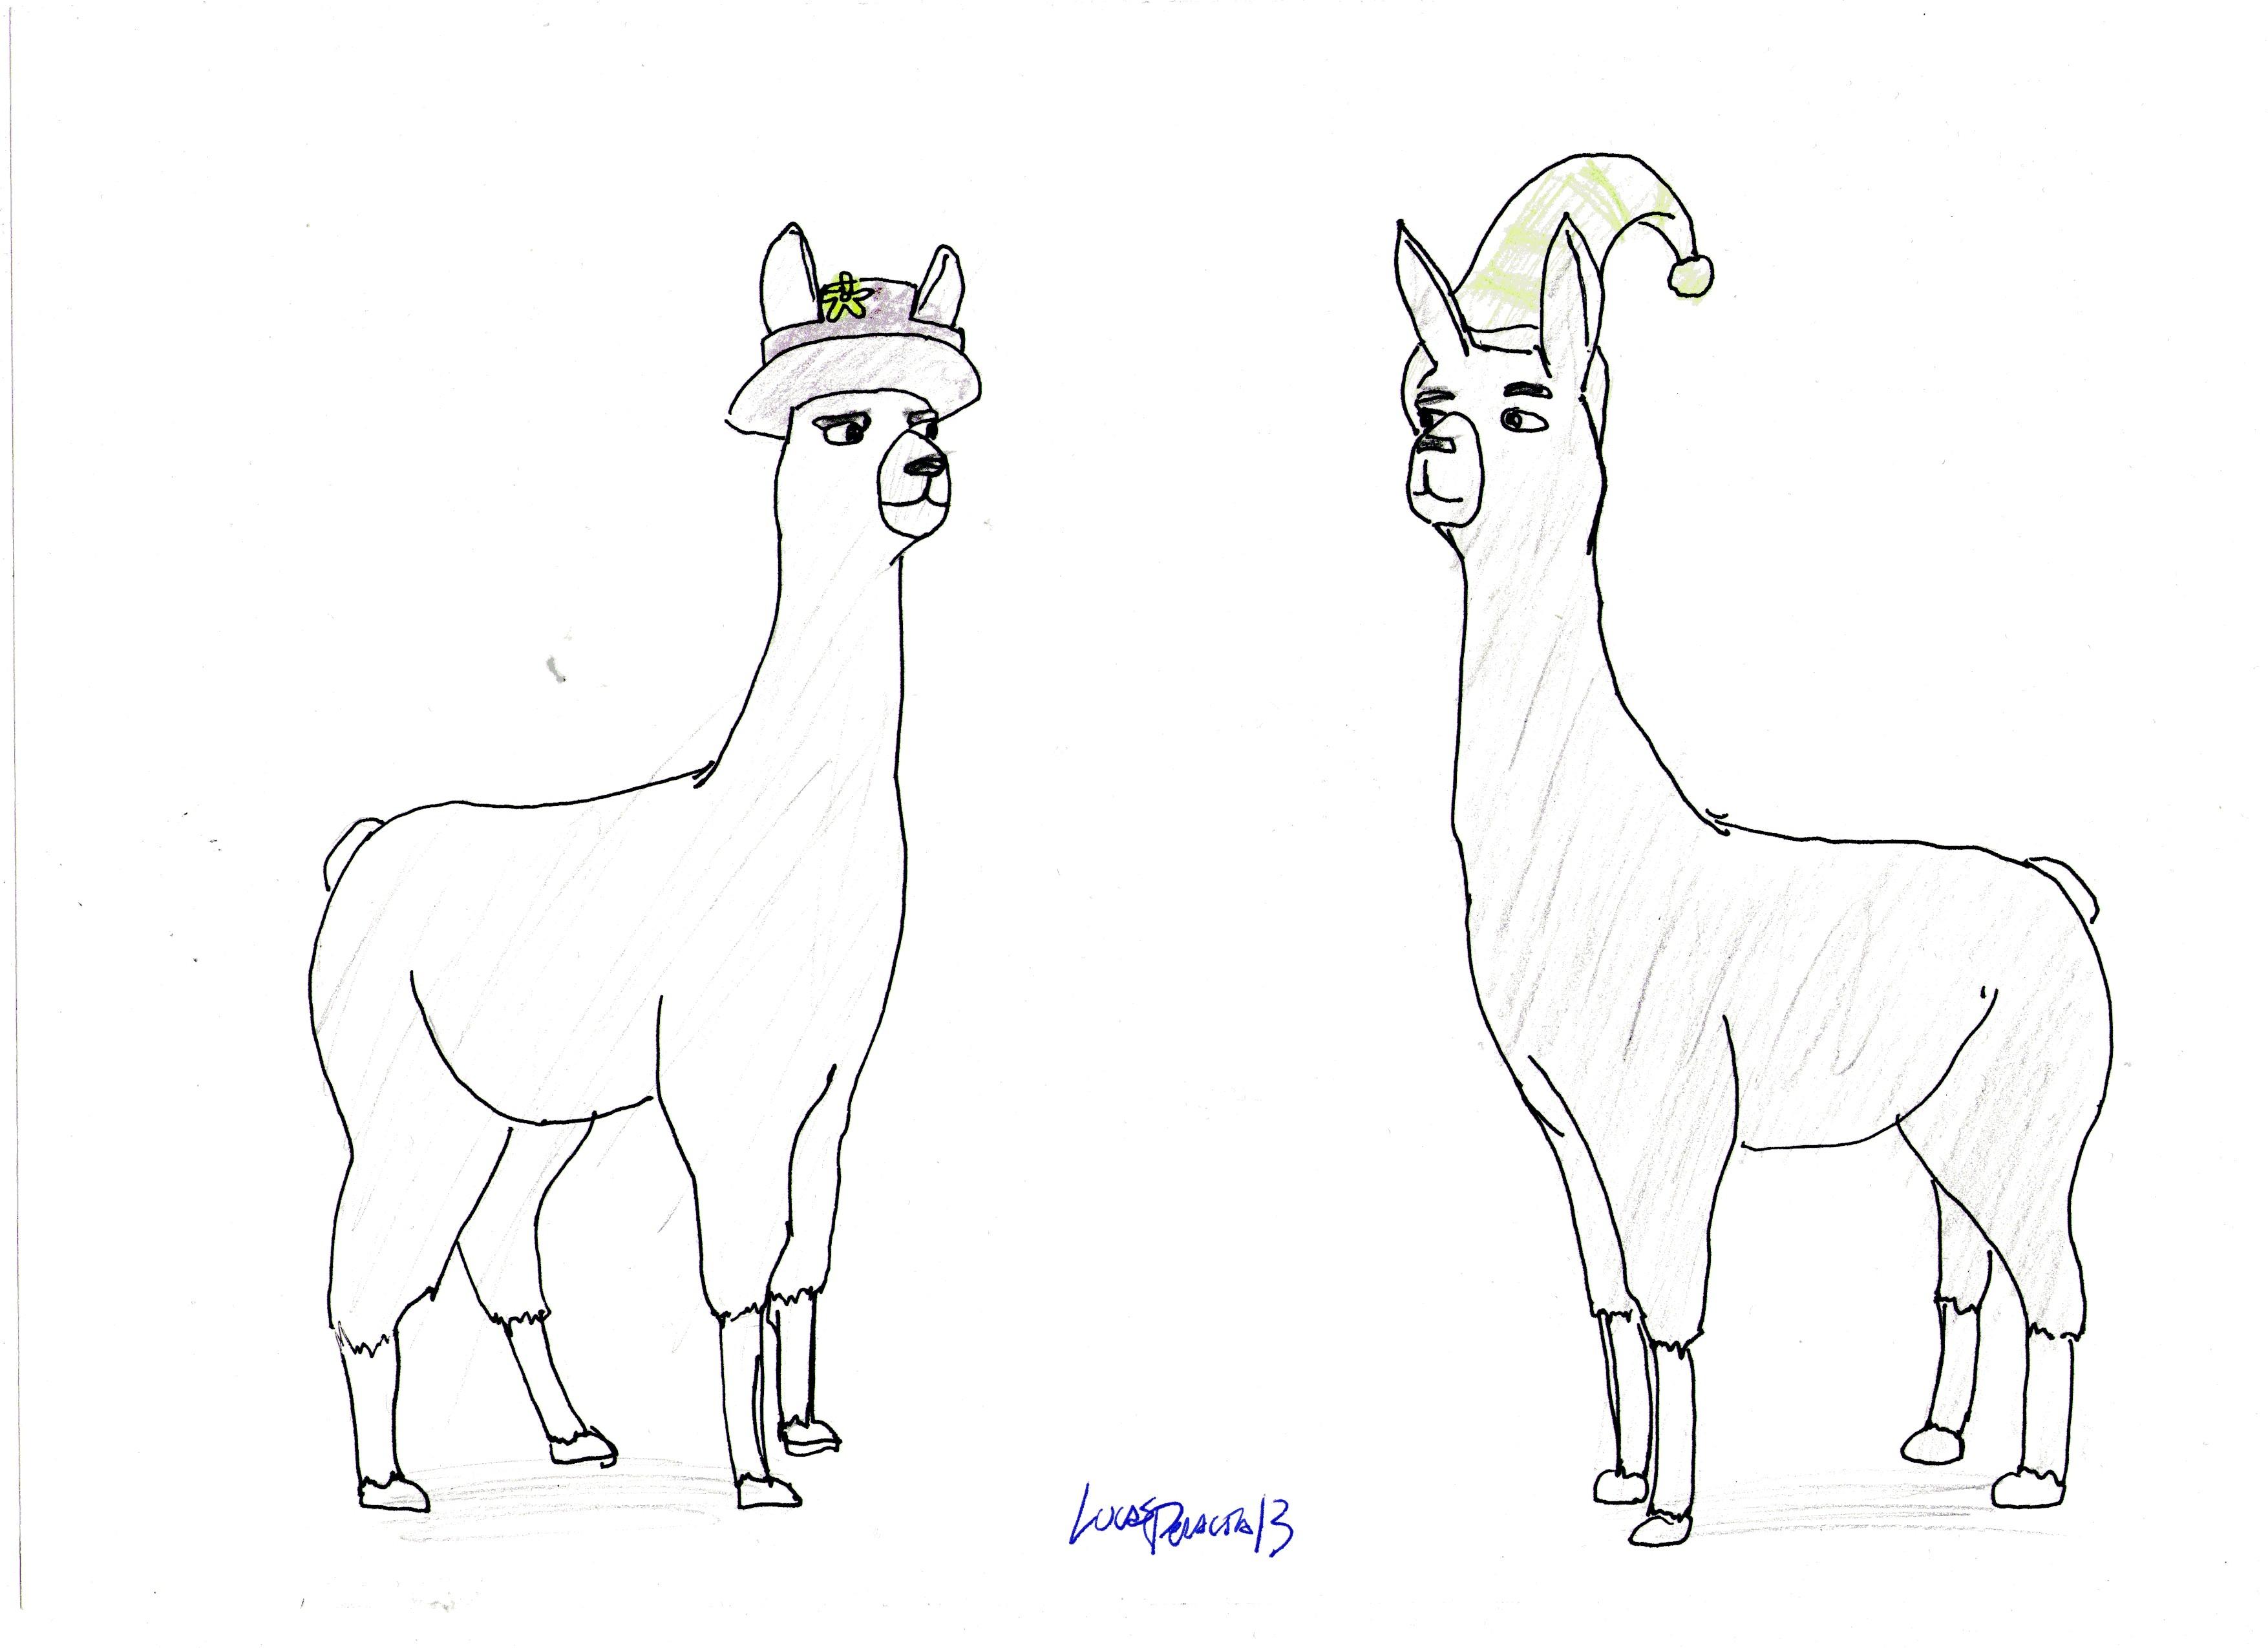 llama llama coloring pages find this pin and more on llama llama